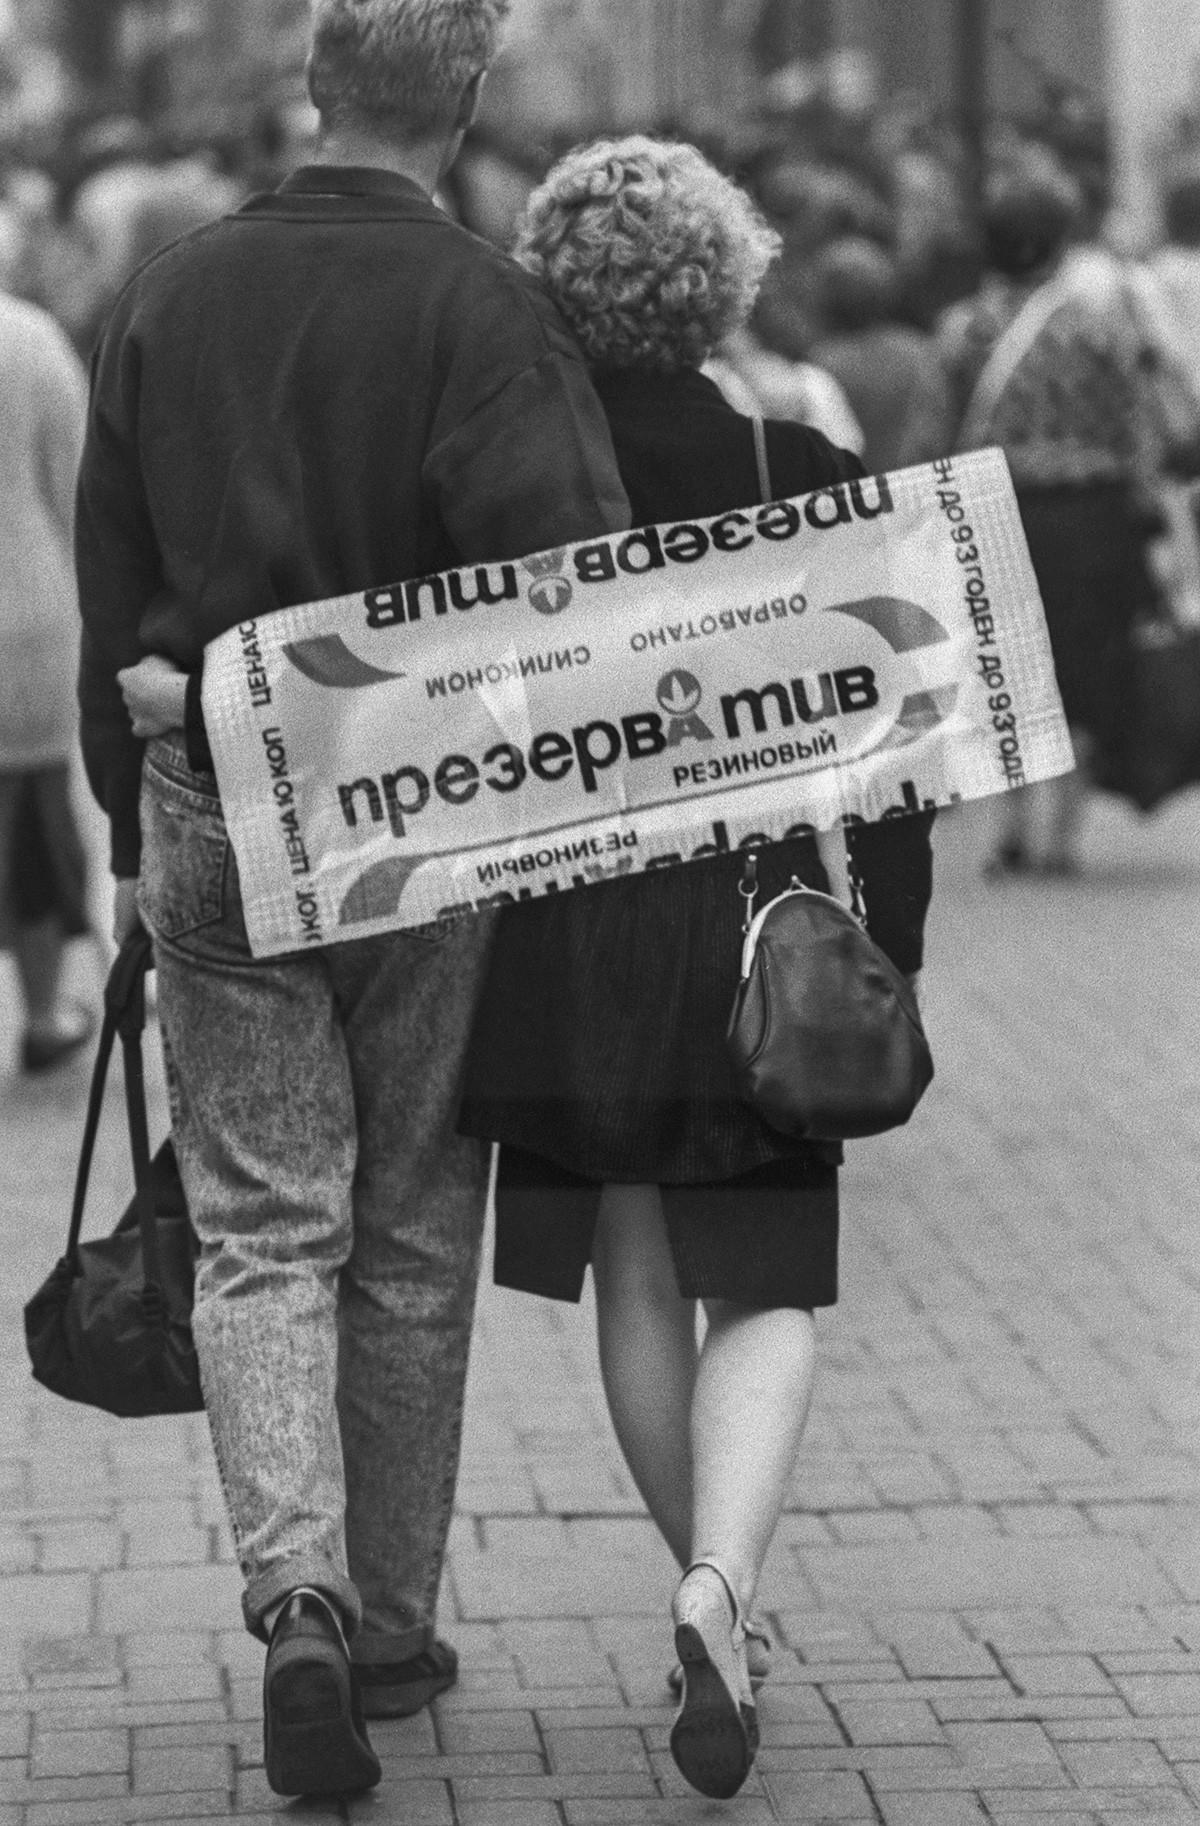 Русија, Москва, 5 септември 1990 година. Амбалажа.